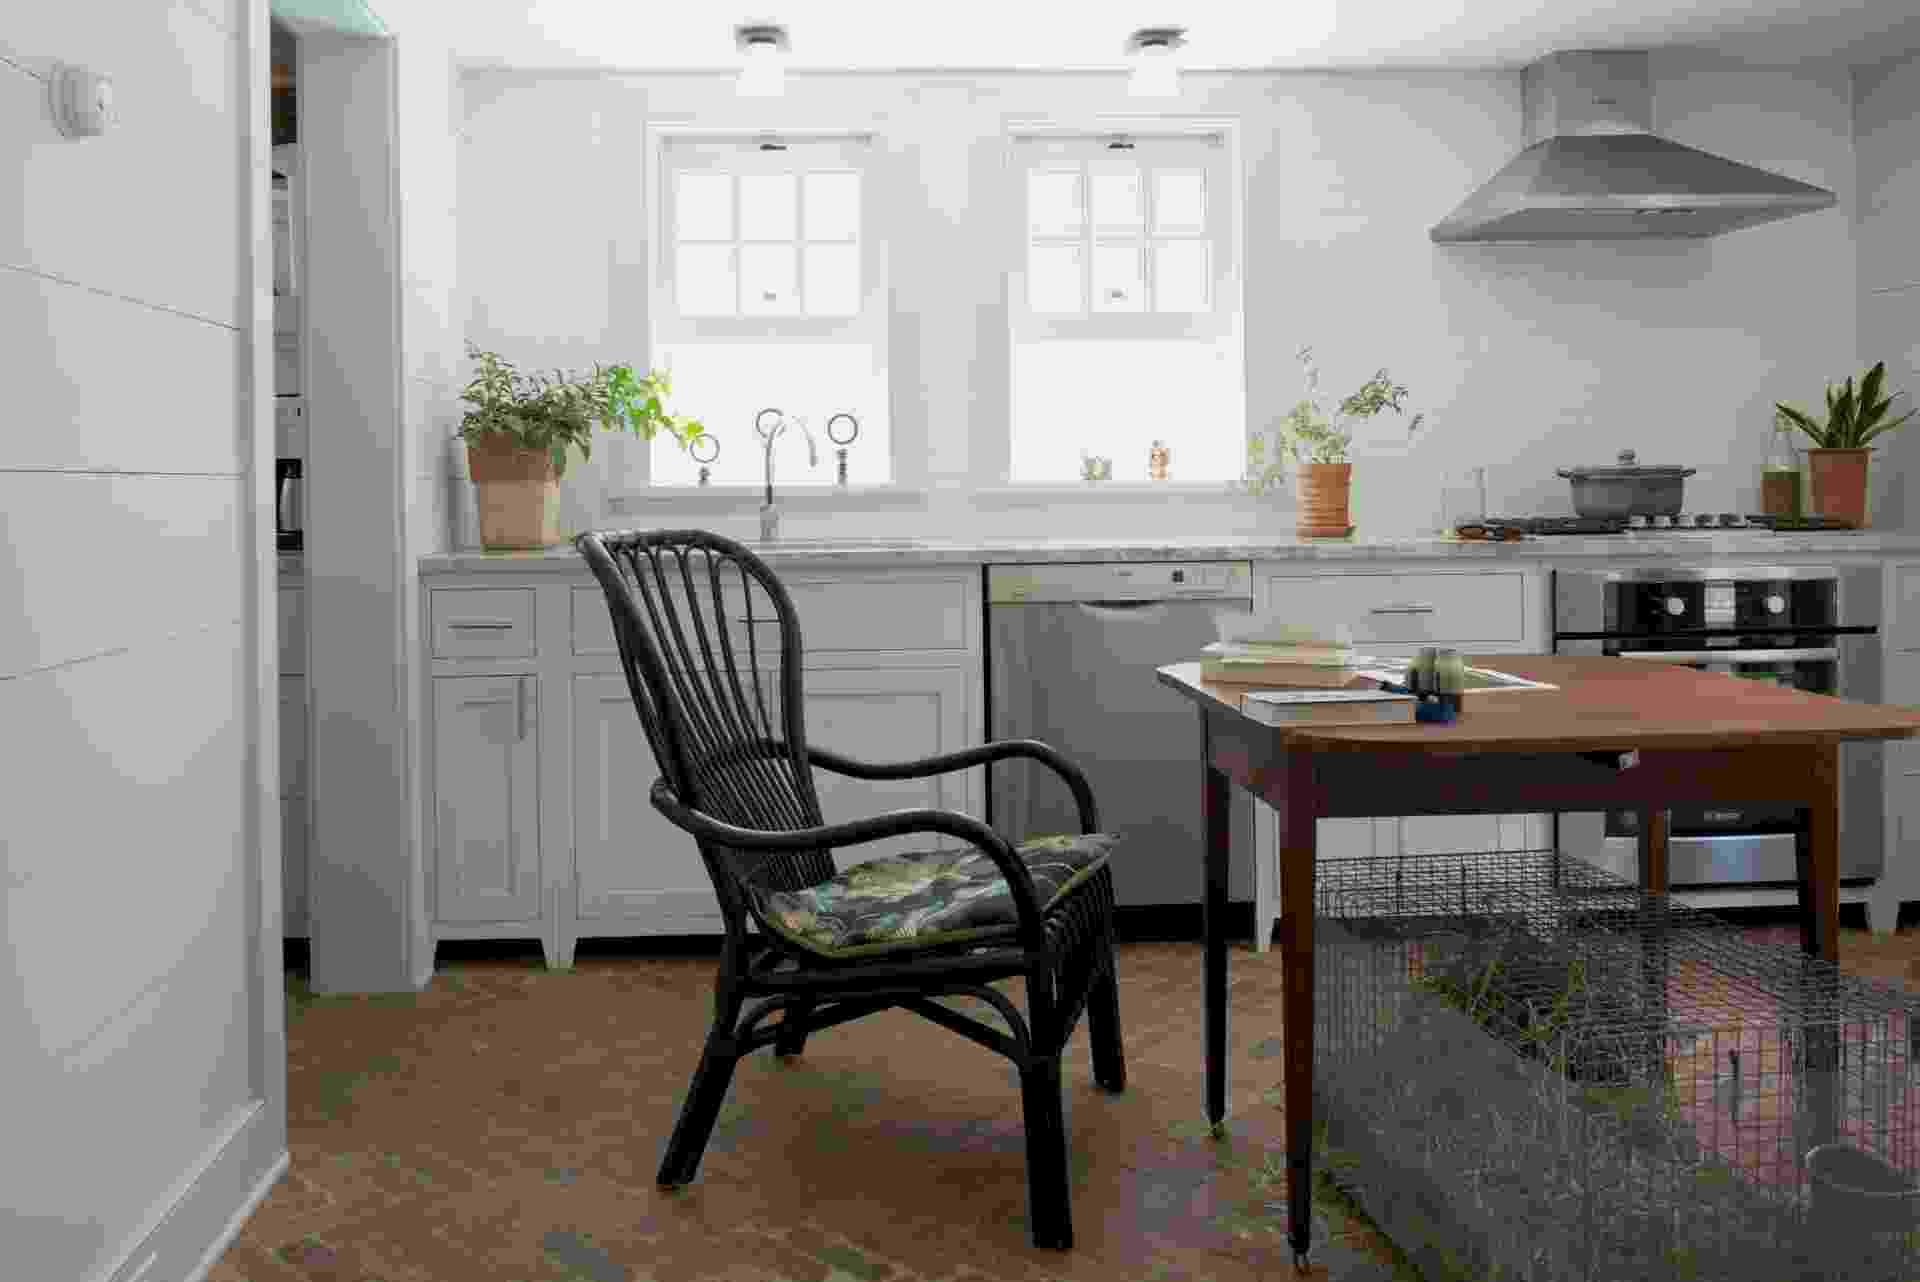 """Sem estilo, """"villa"""" próxima à NY ganhou ares aconchegantes de interior (Imagem do NYT, usar apenas no respectivo material) - Jane Beiles/ The New York Times"""